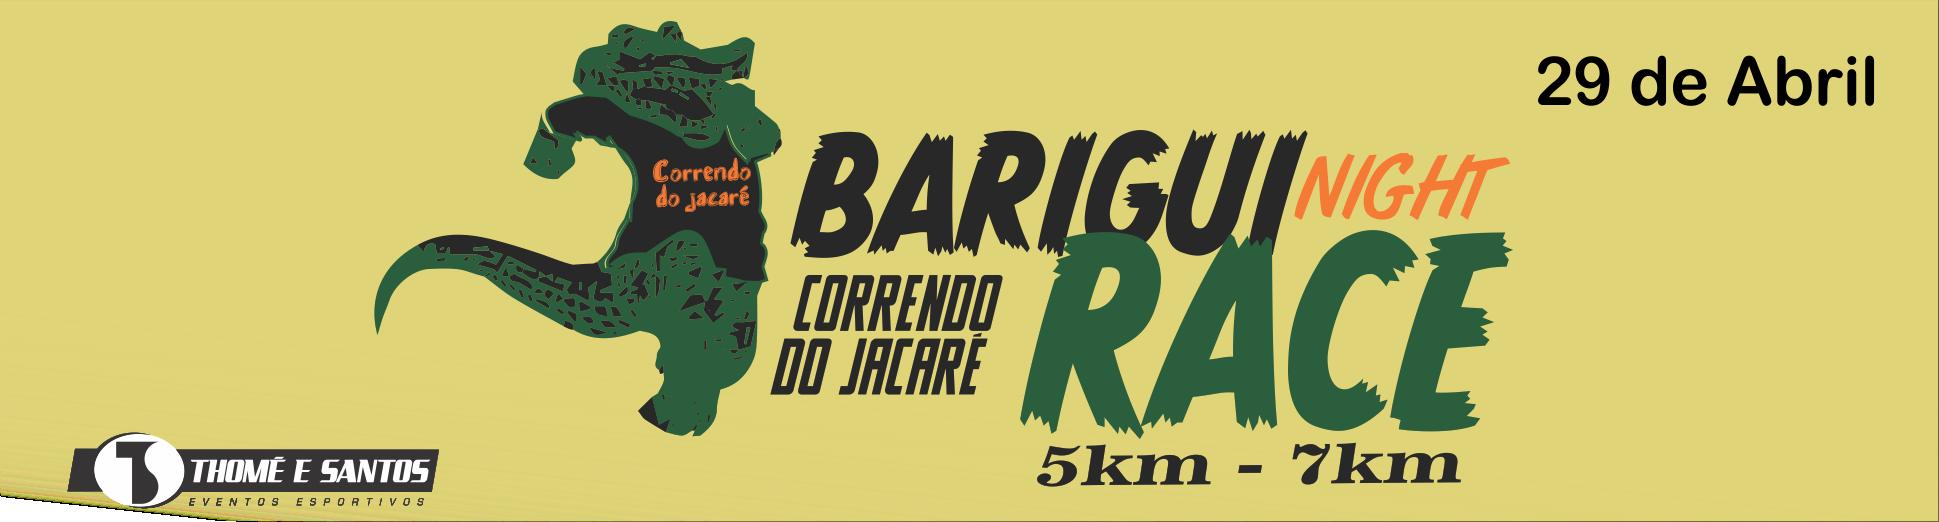 BARIGUI NIGHT RACE - 2017 - Imagem de topo